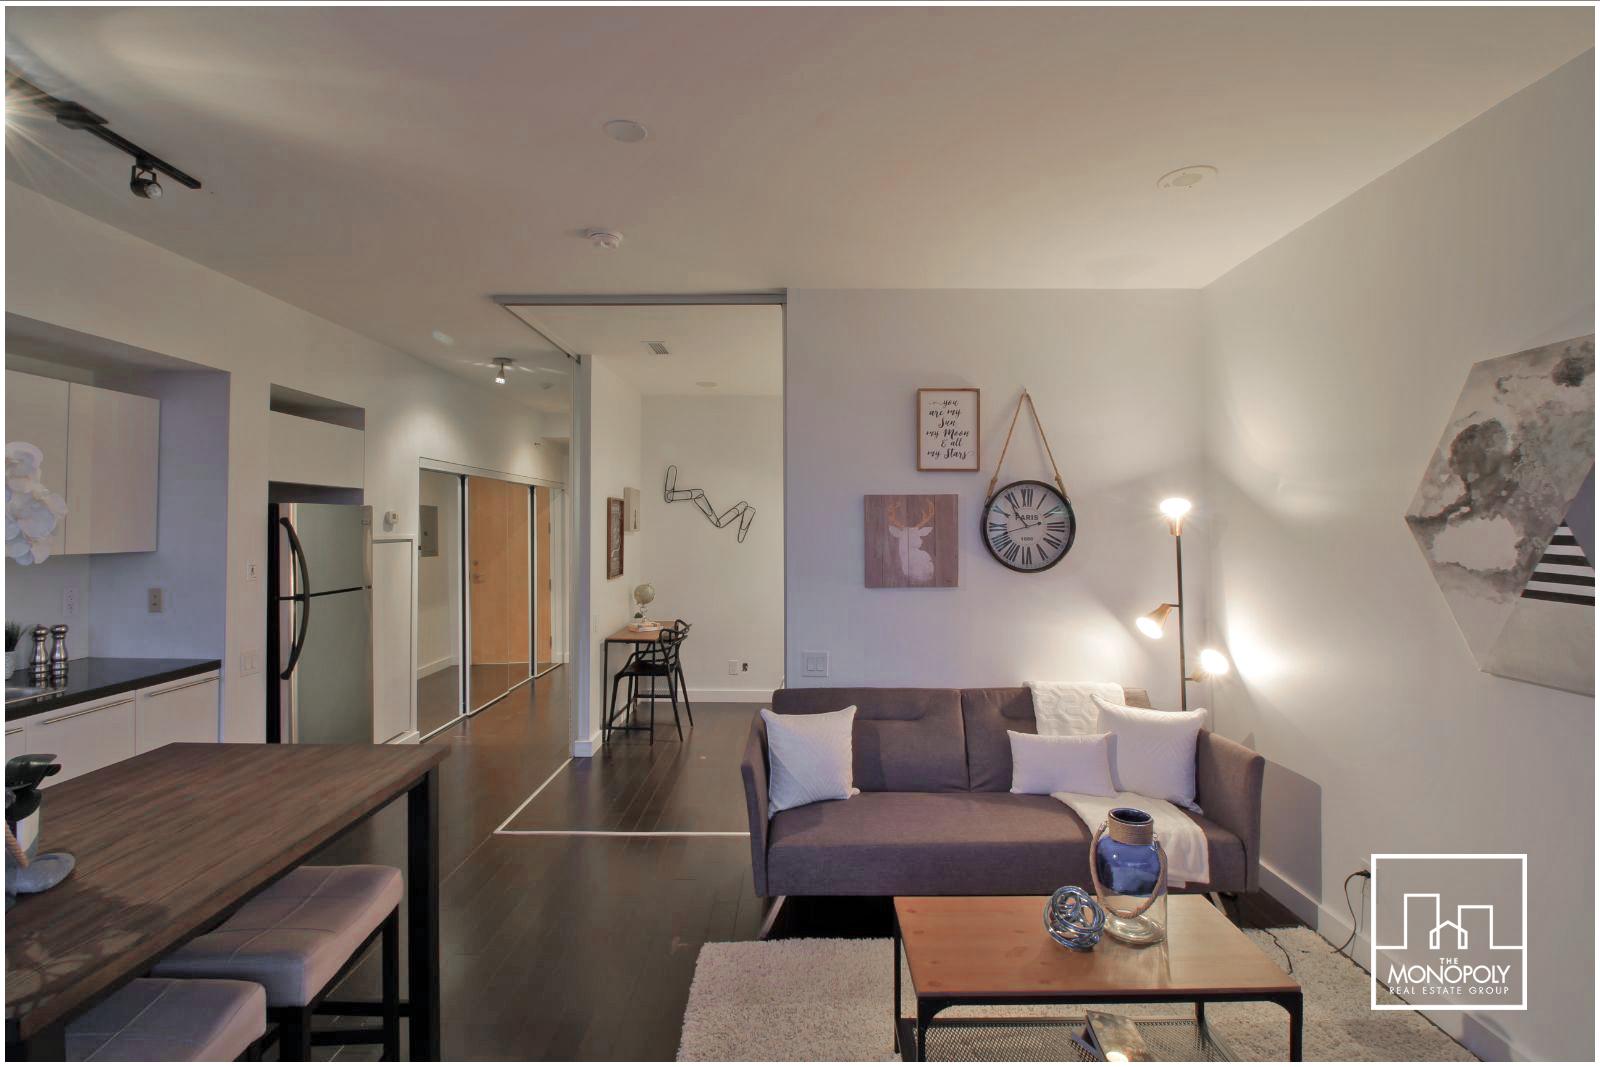 01 - Living 3 Room Straight Shot.jpg